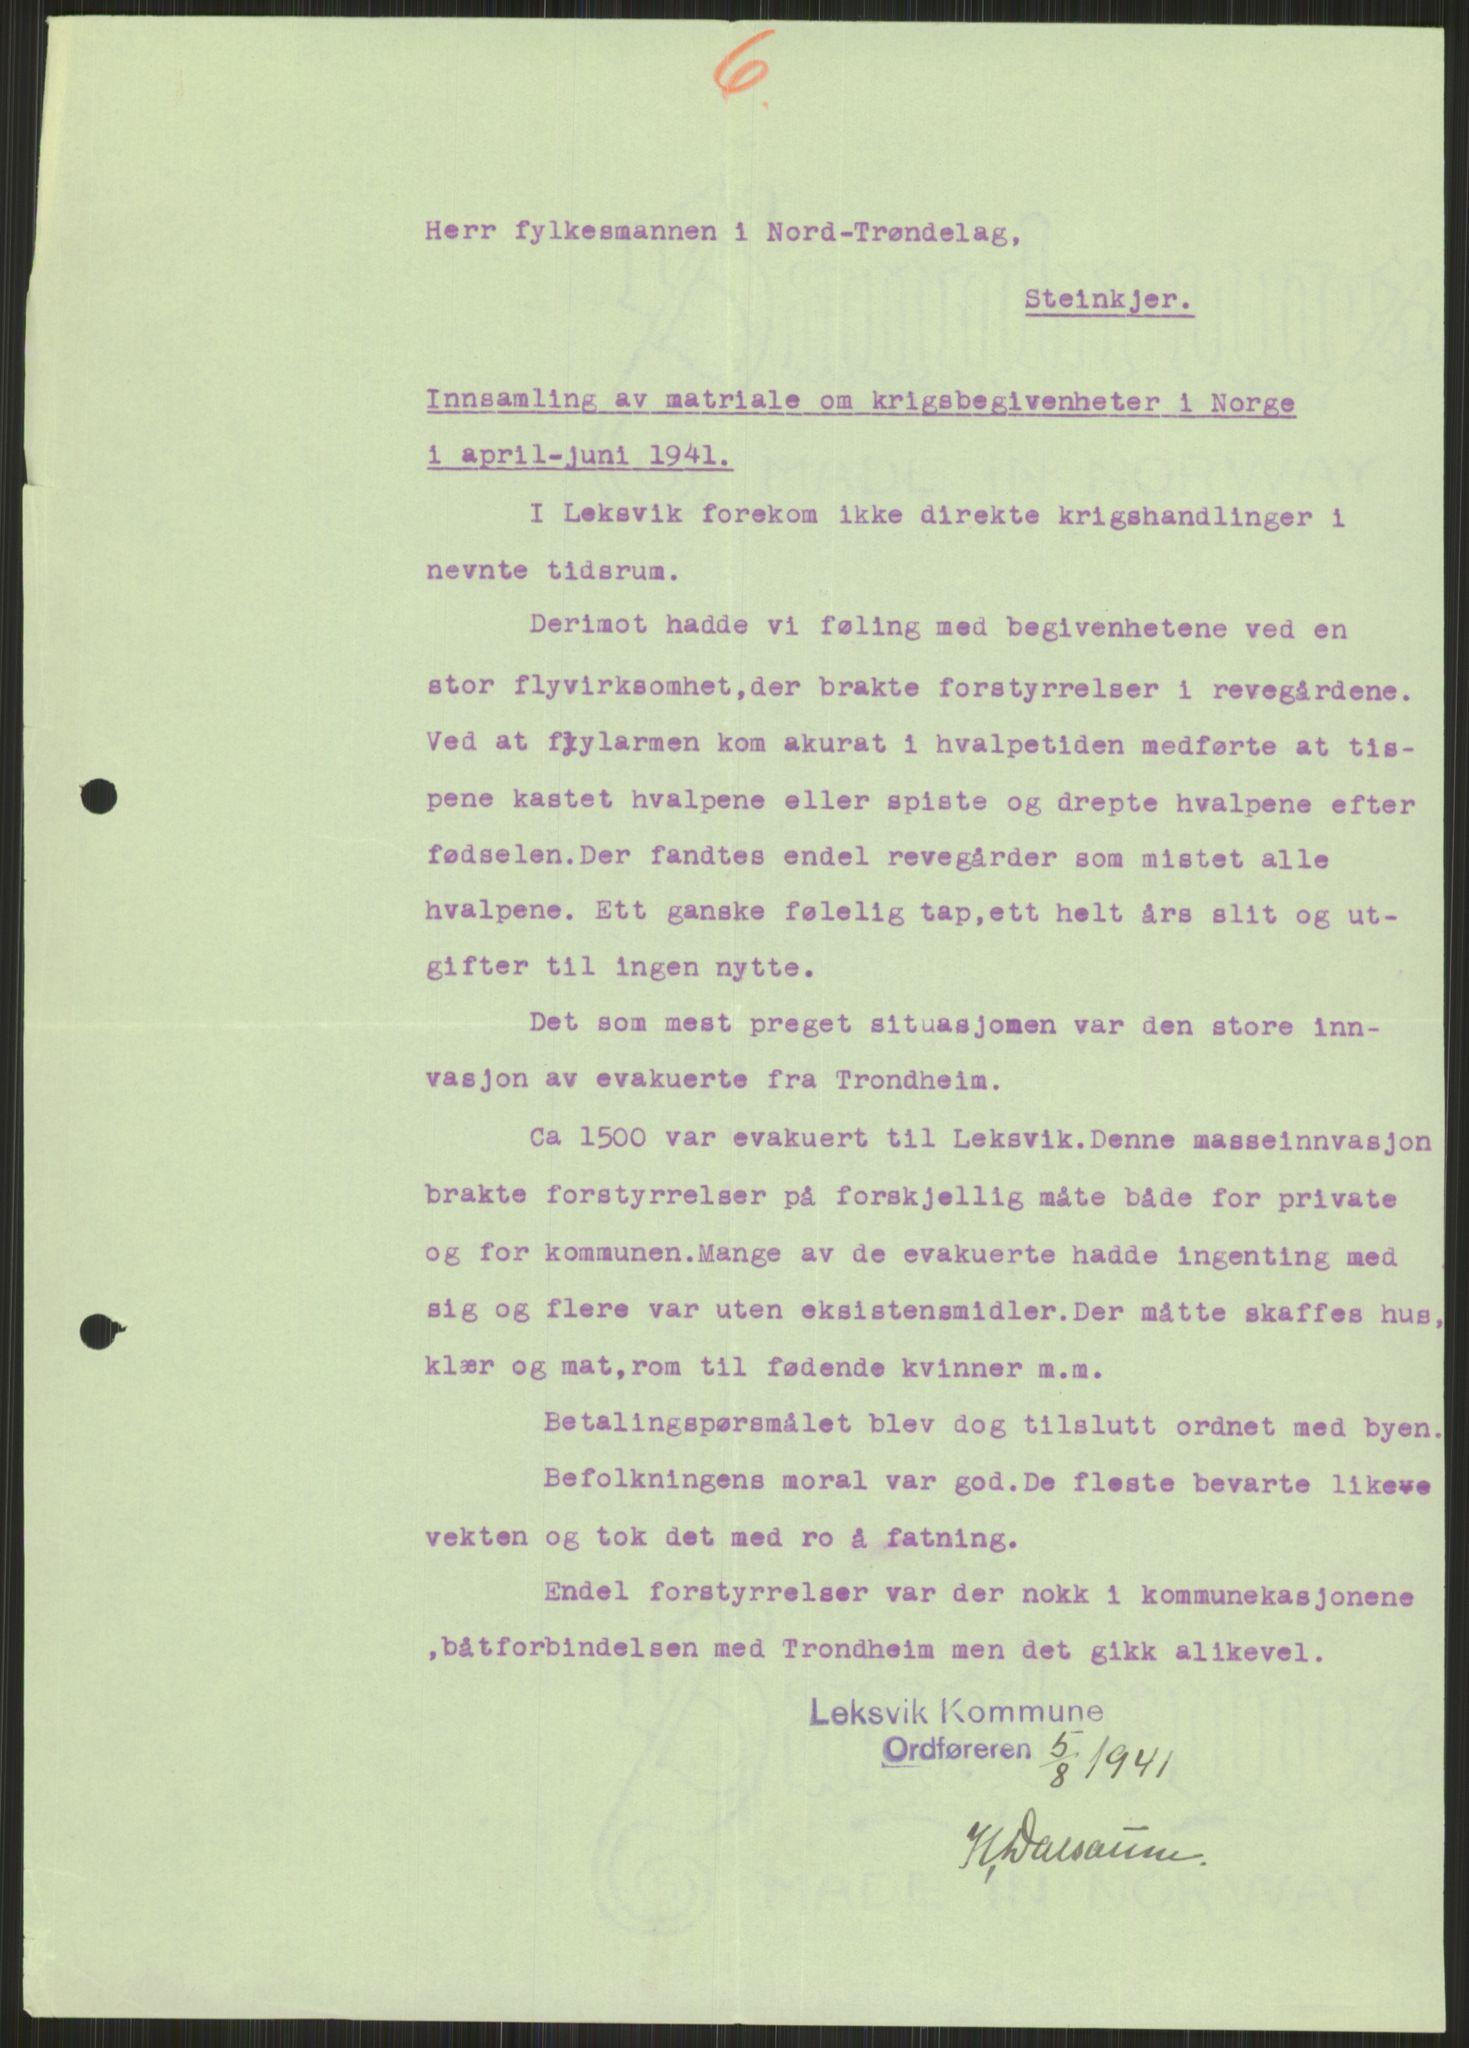 RA, Forsvaret, Forsvarets krigshistoriske avdeling, Y/Ya/L0016: II-C-11-31 - Fylkesmenn.  Rapporter om krigsbegivenhetene 1940., 1940, s. 495